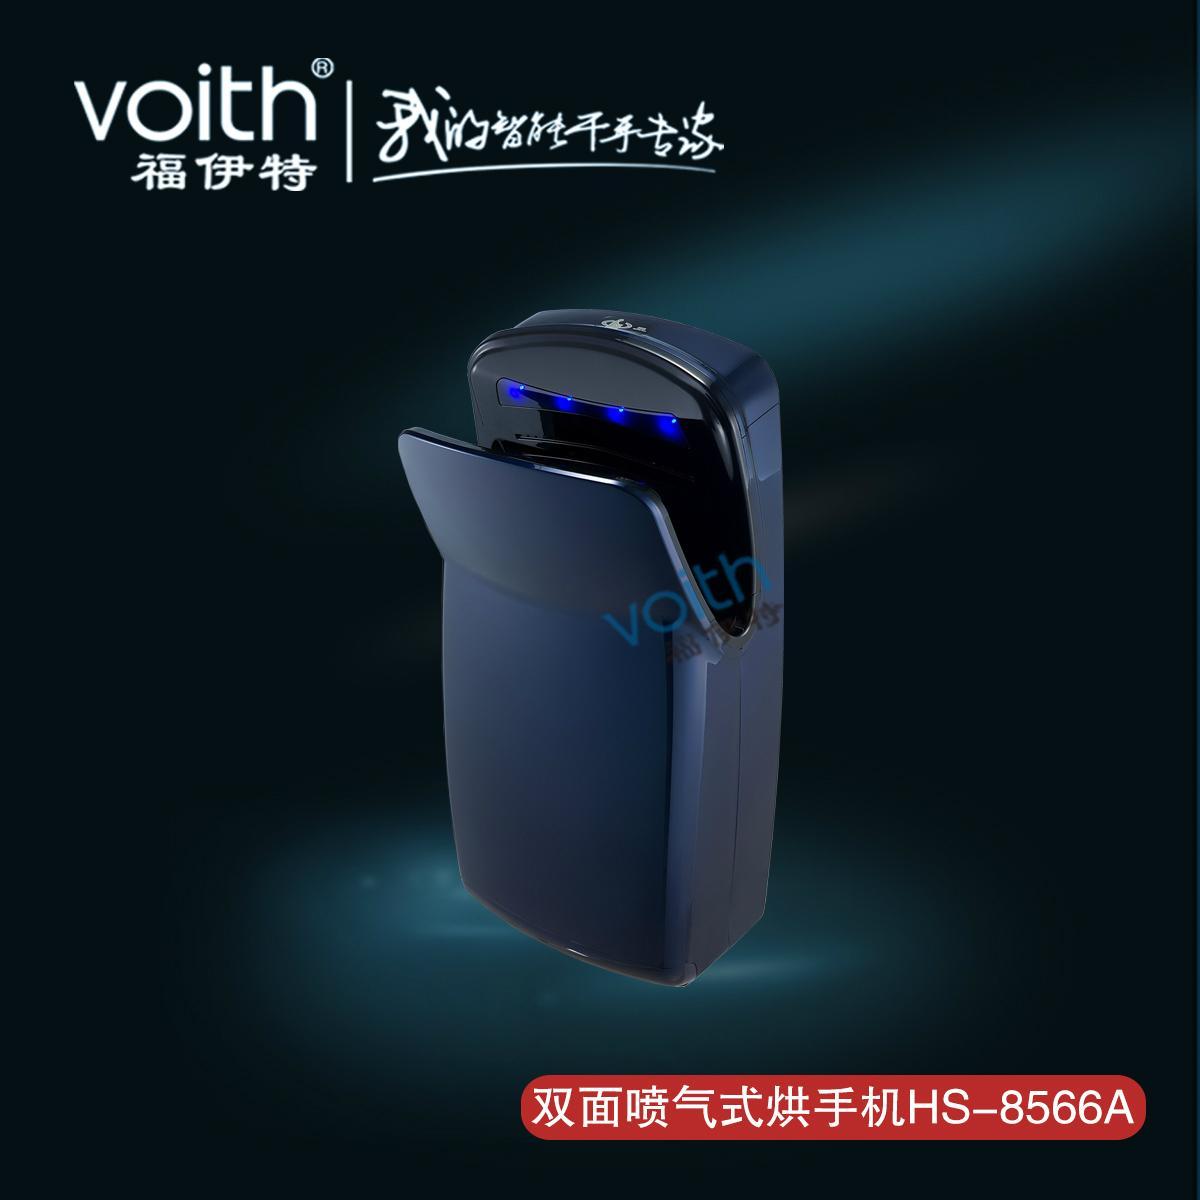 深圳紅外線自動感應噴射氣雙面干手機HS-8566A 2